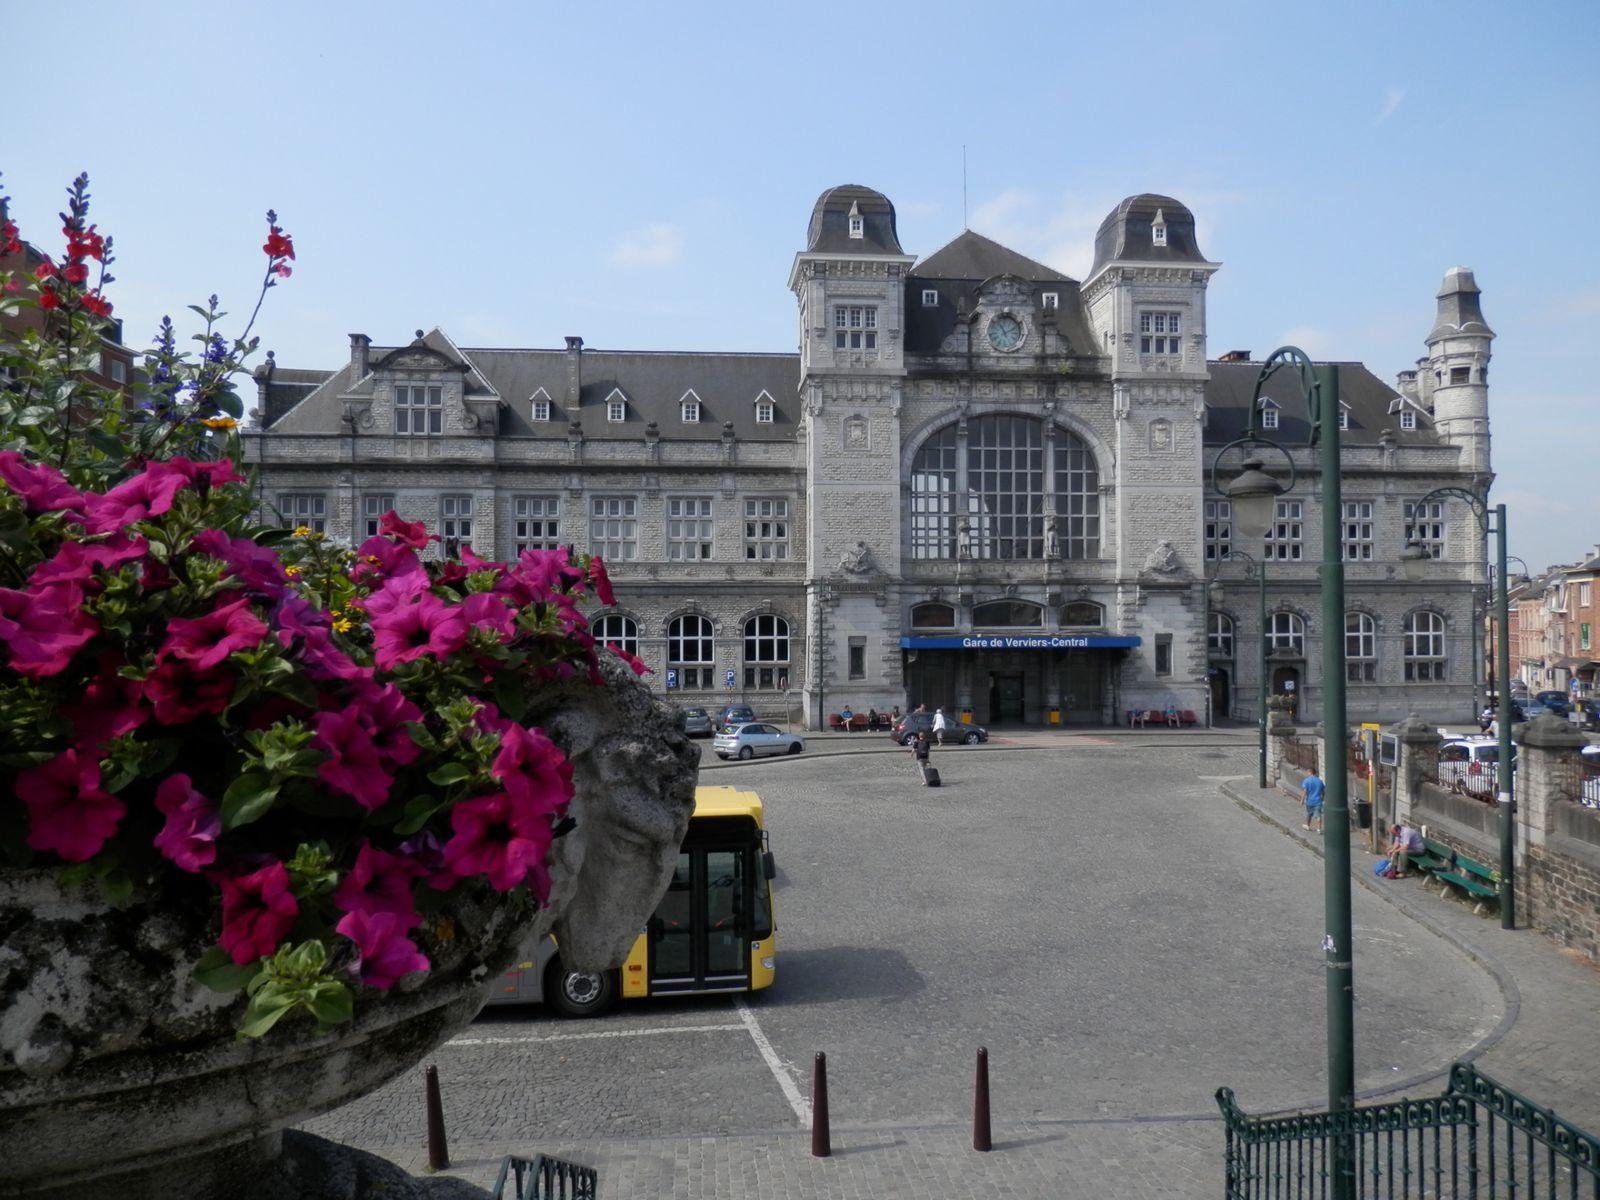 La gare de Verviers-Central, photographiée le 15 juillet 2013.  Trois mois plus tard, la vaste esplanade qui accueille la gare des bus va se transformer en véritable chantier...